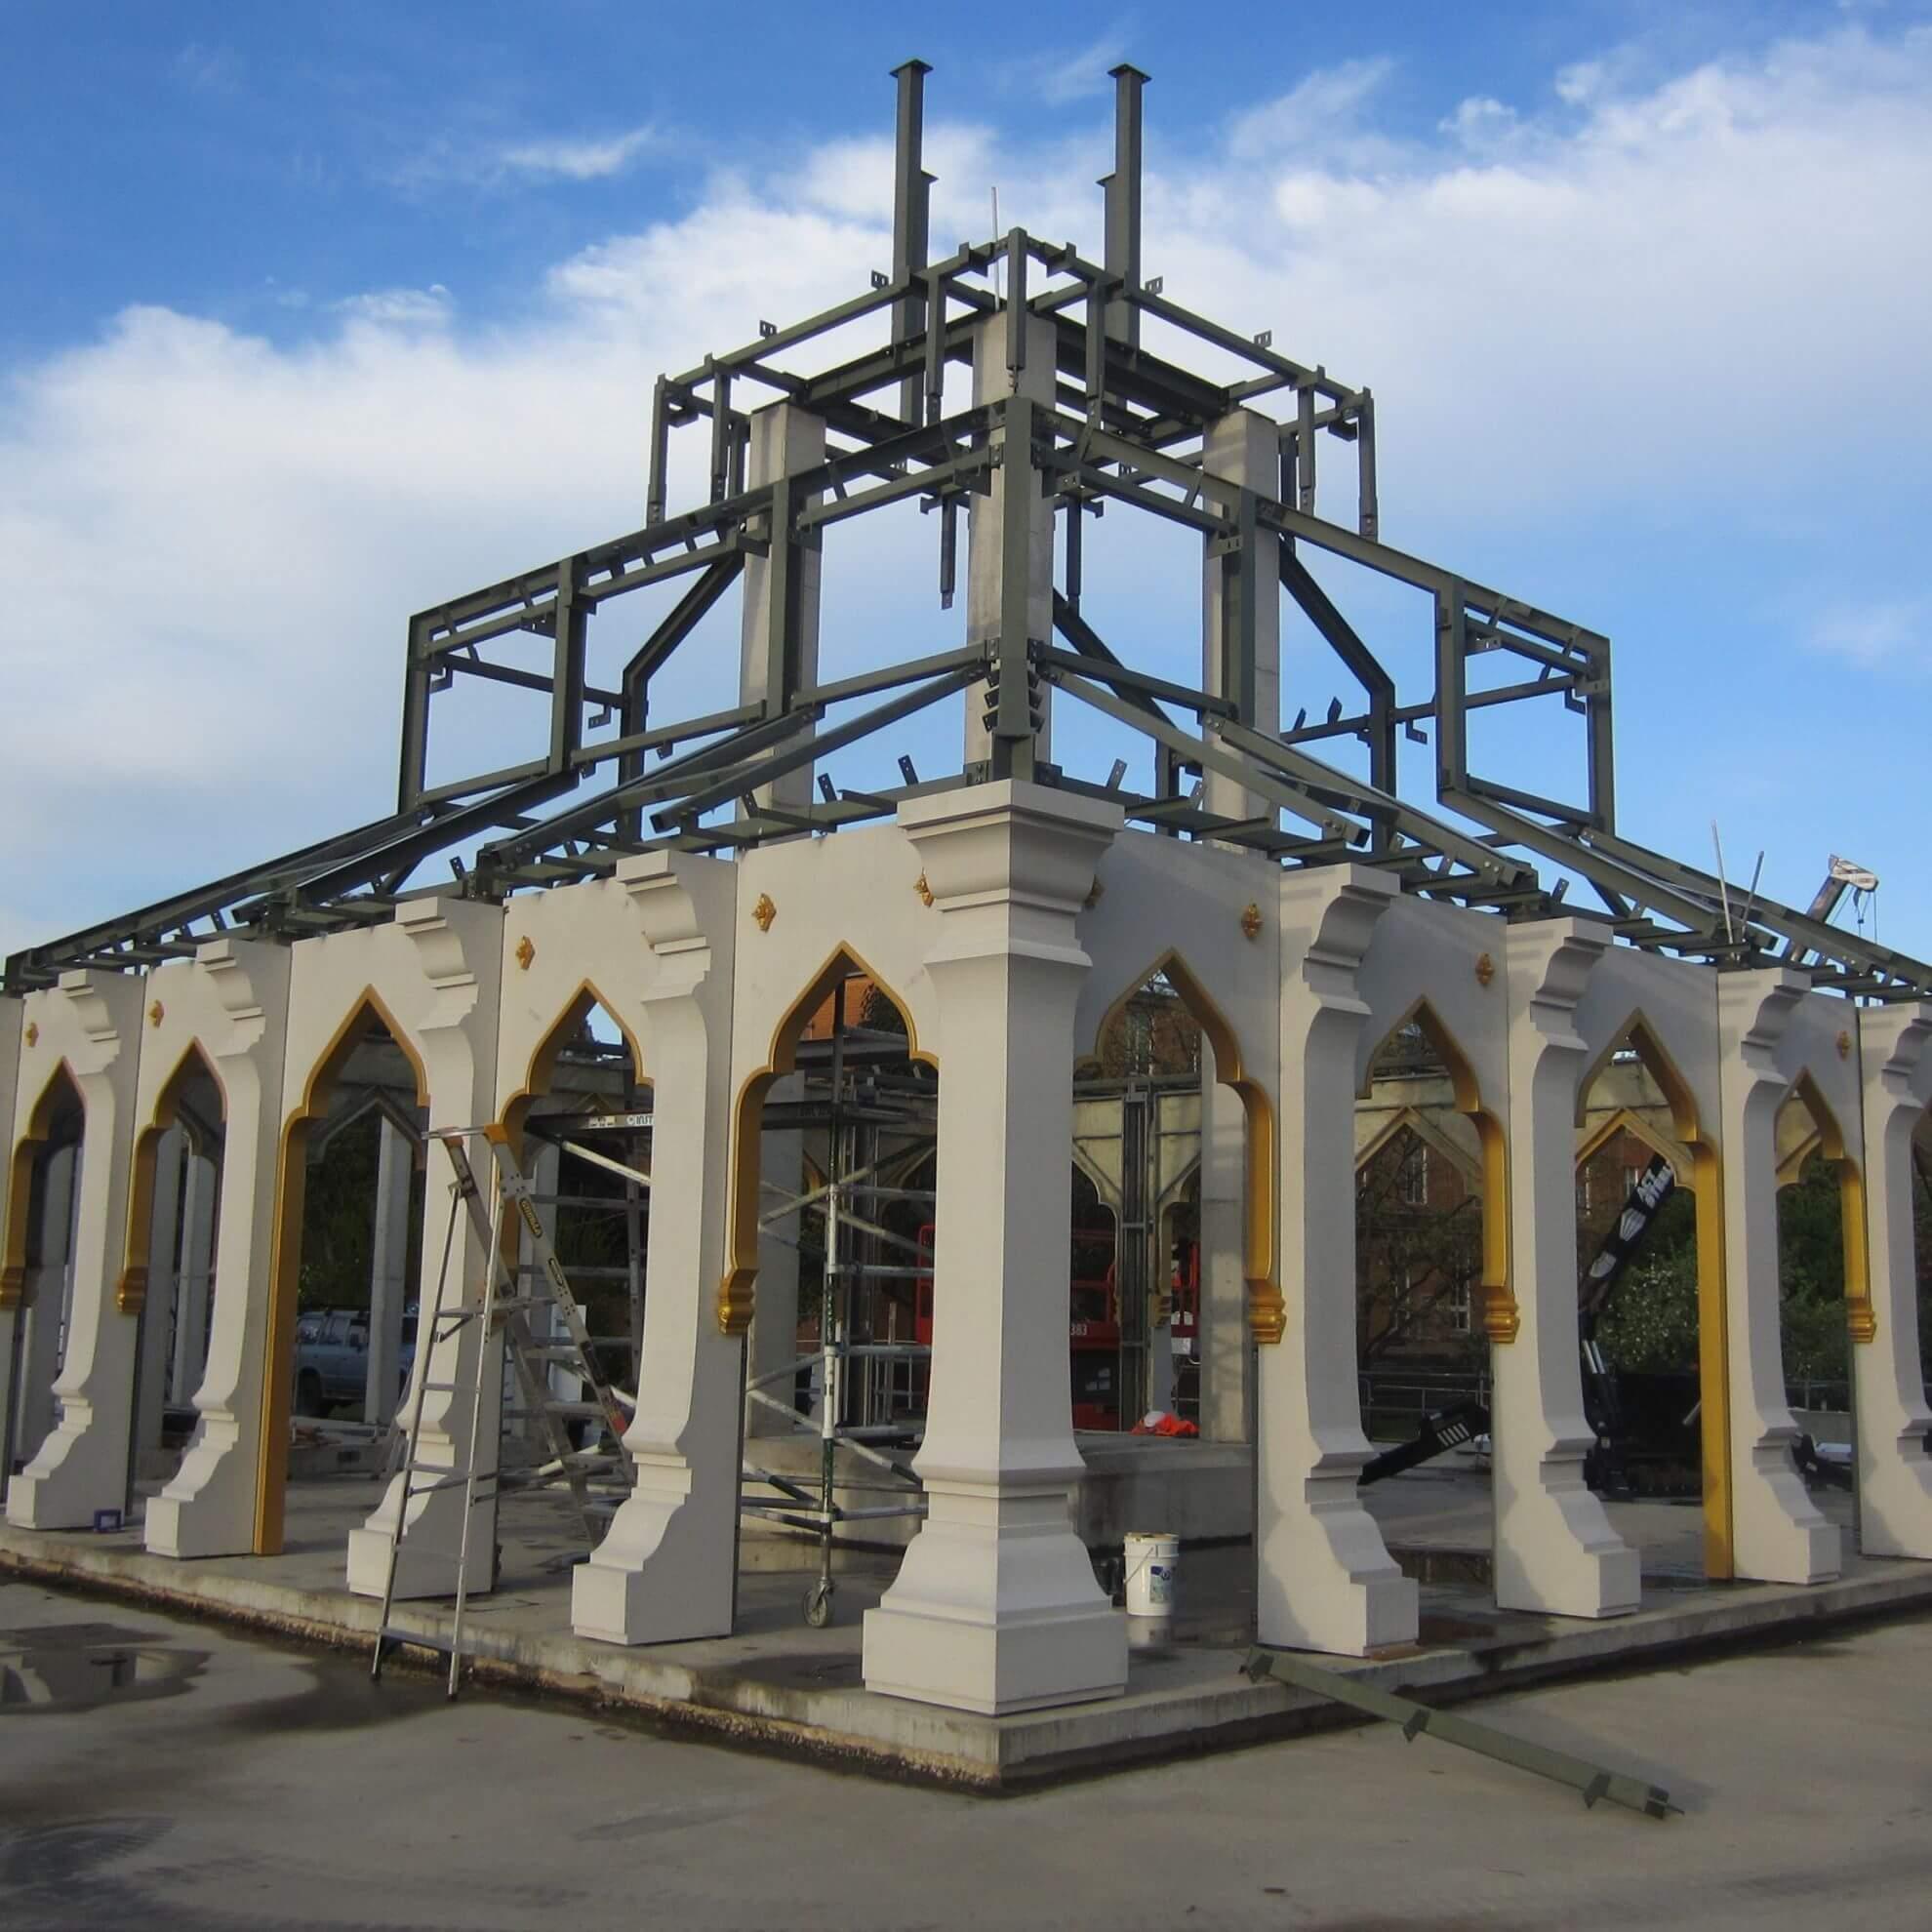 Wat Dhammadharo Buddhist Temple